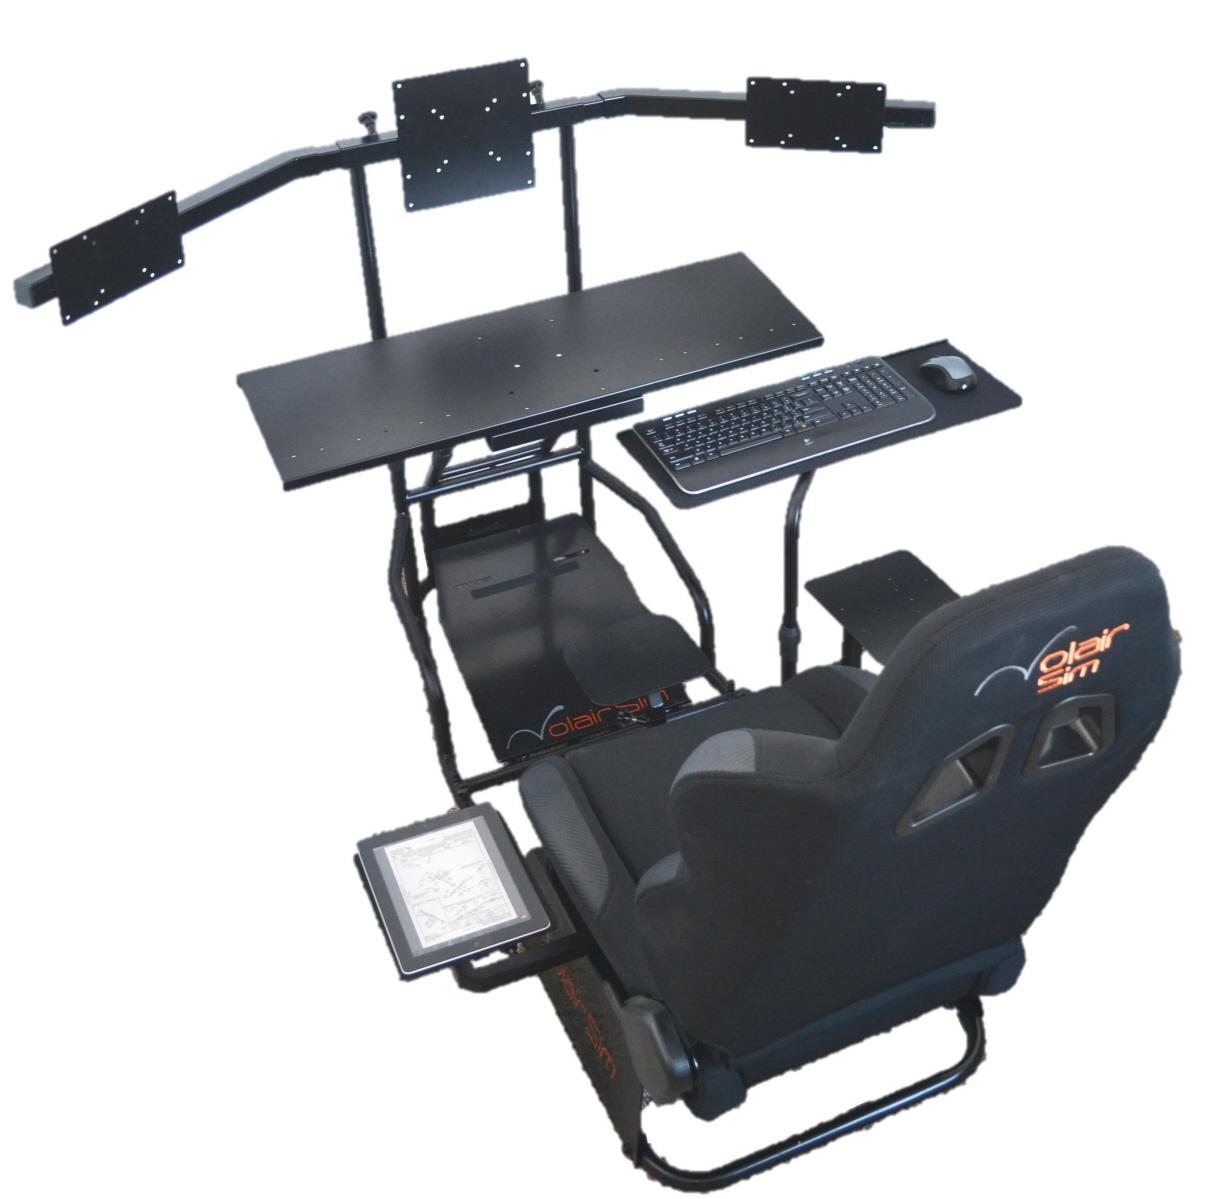 flight simulator chair 360 staples drafting volair sim racing cockpit review gamingshogun